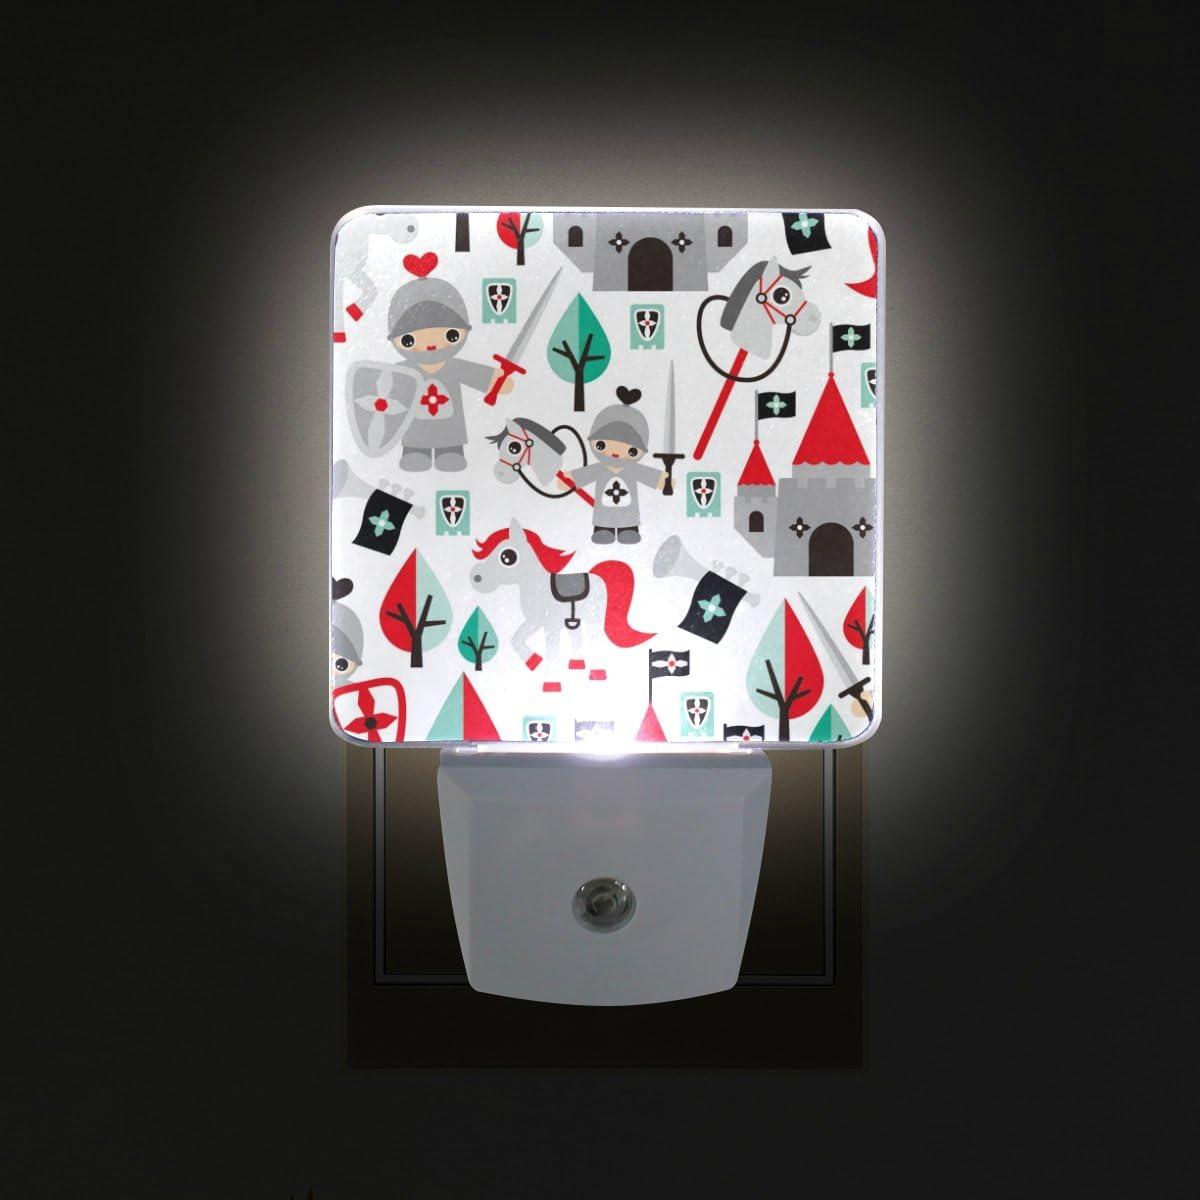 Luz nocturna LED, diseño de caballo de castillo, sensor de auto para niños, de atardecer a amanecer, enchufe – 2 unidades